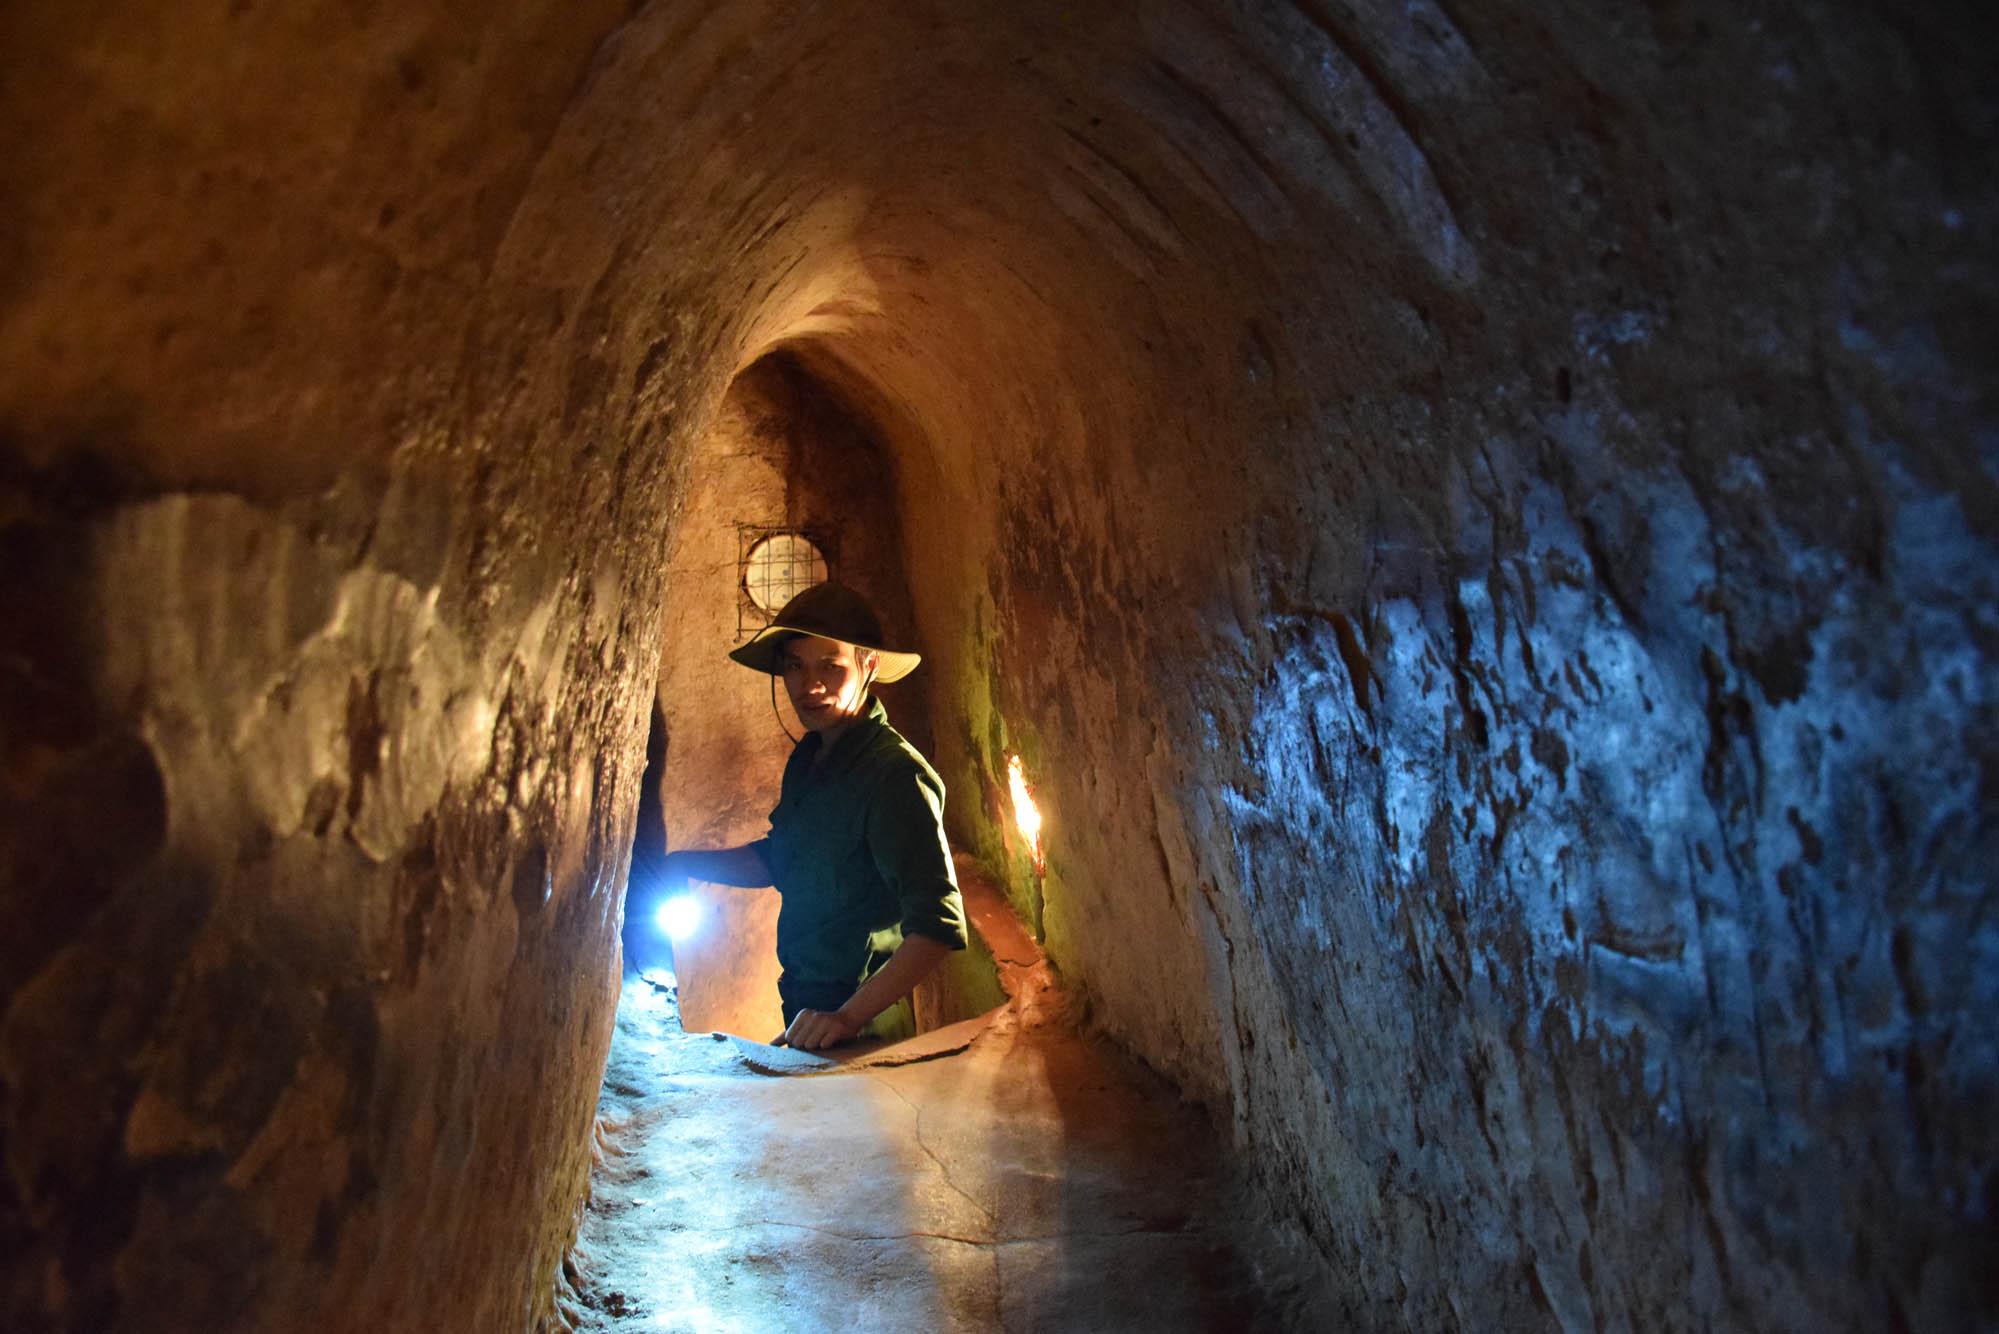 cu-chi-tunnels-vietnam-ho-chi-minh-city-saigon-roteiro-dicas